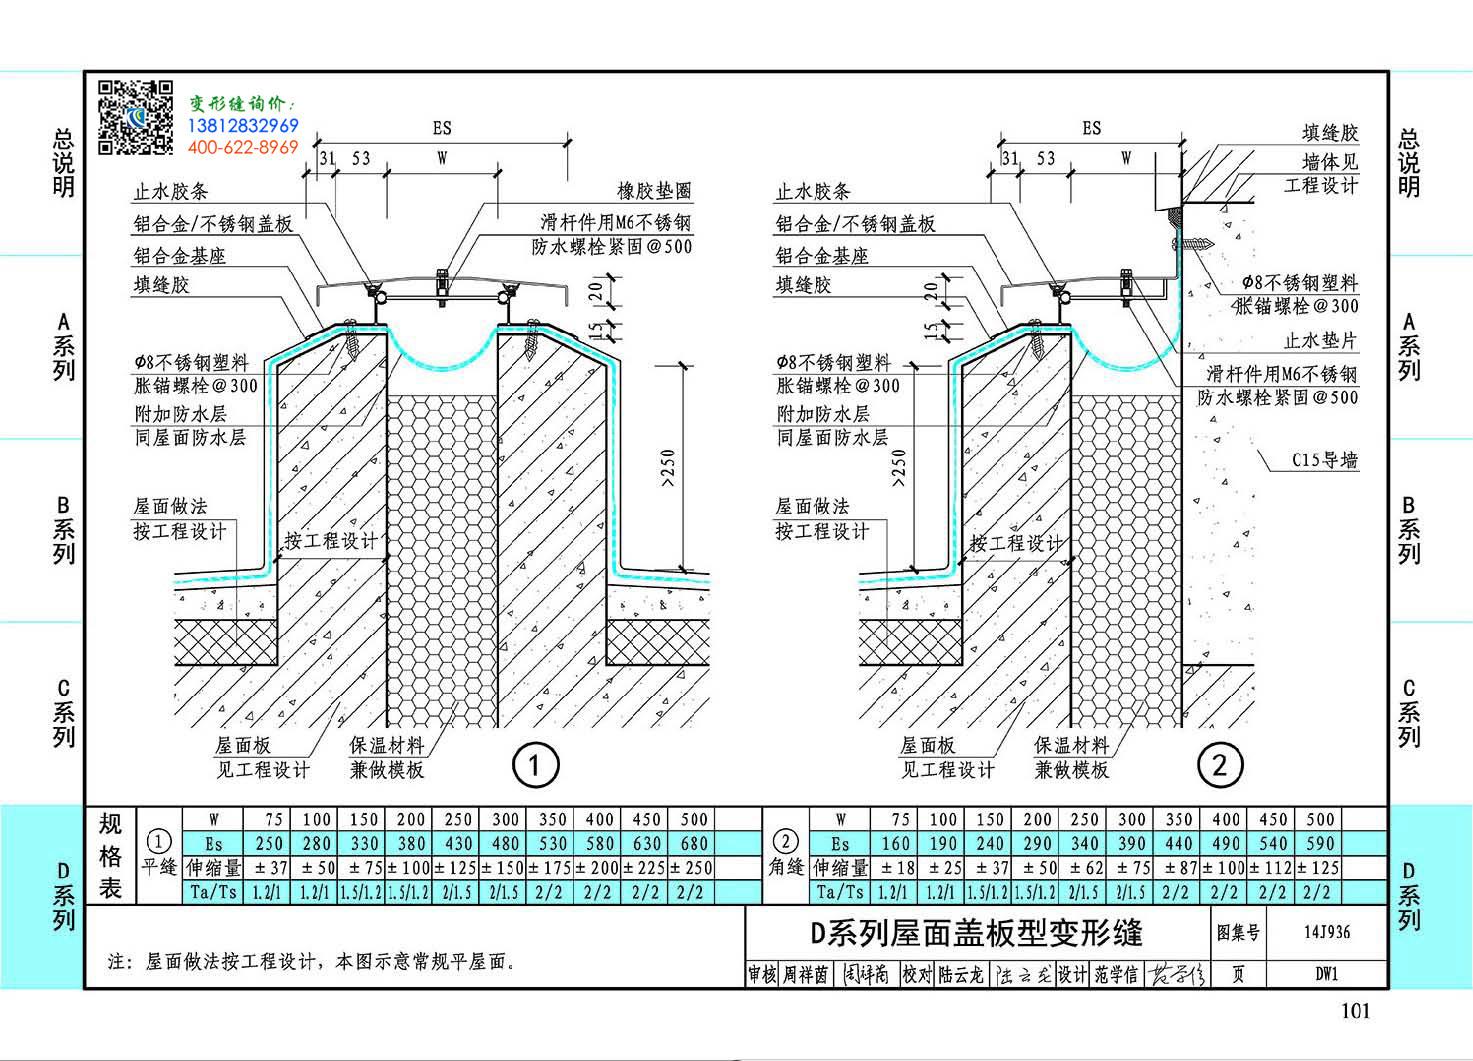 变形缝图集14J936DW1-D系列屋面盖板型变形缝